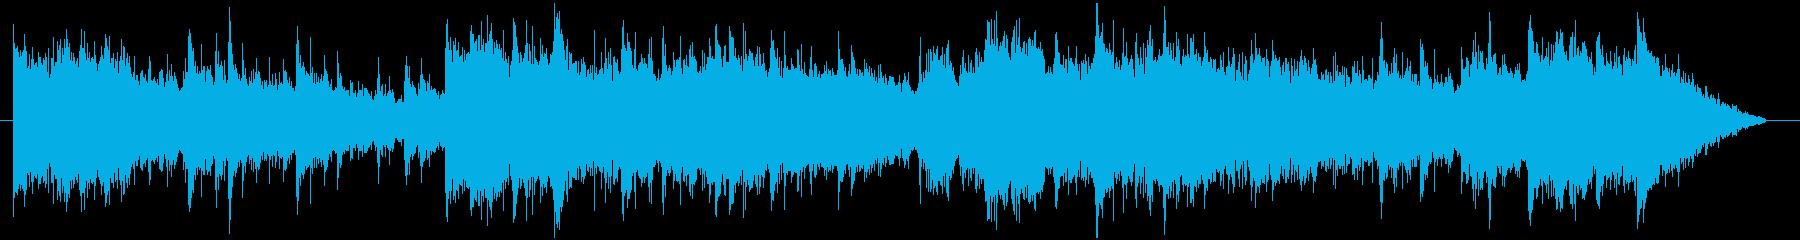 ダークなサスペンス映画風BGMの再生済みの波形